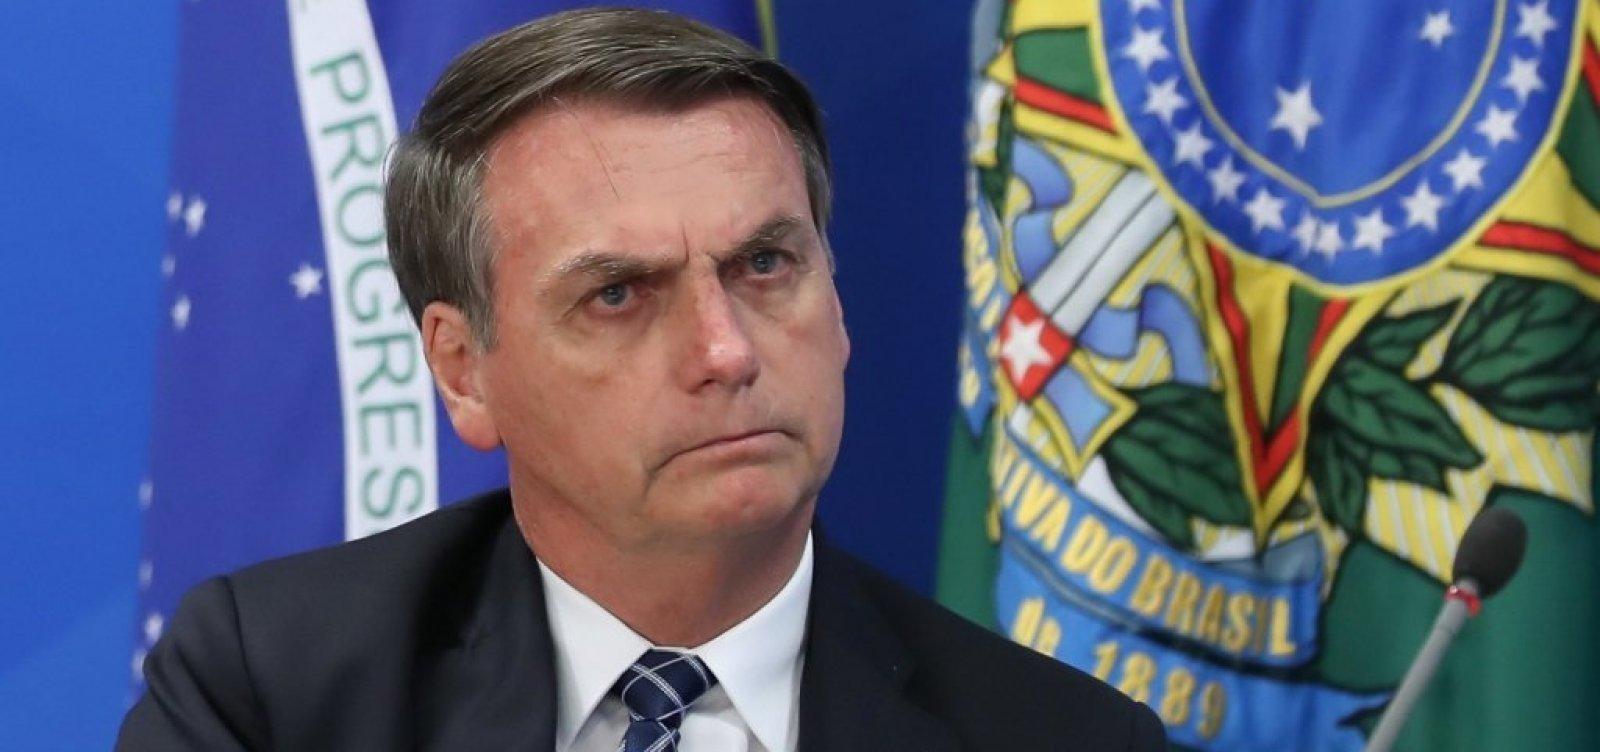 Após chamar de 'vacina de Doria', Bolsonaro diz que imunizante 'não é de nenhum governador'